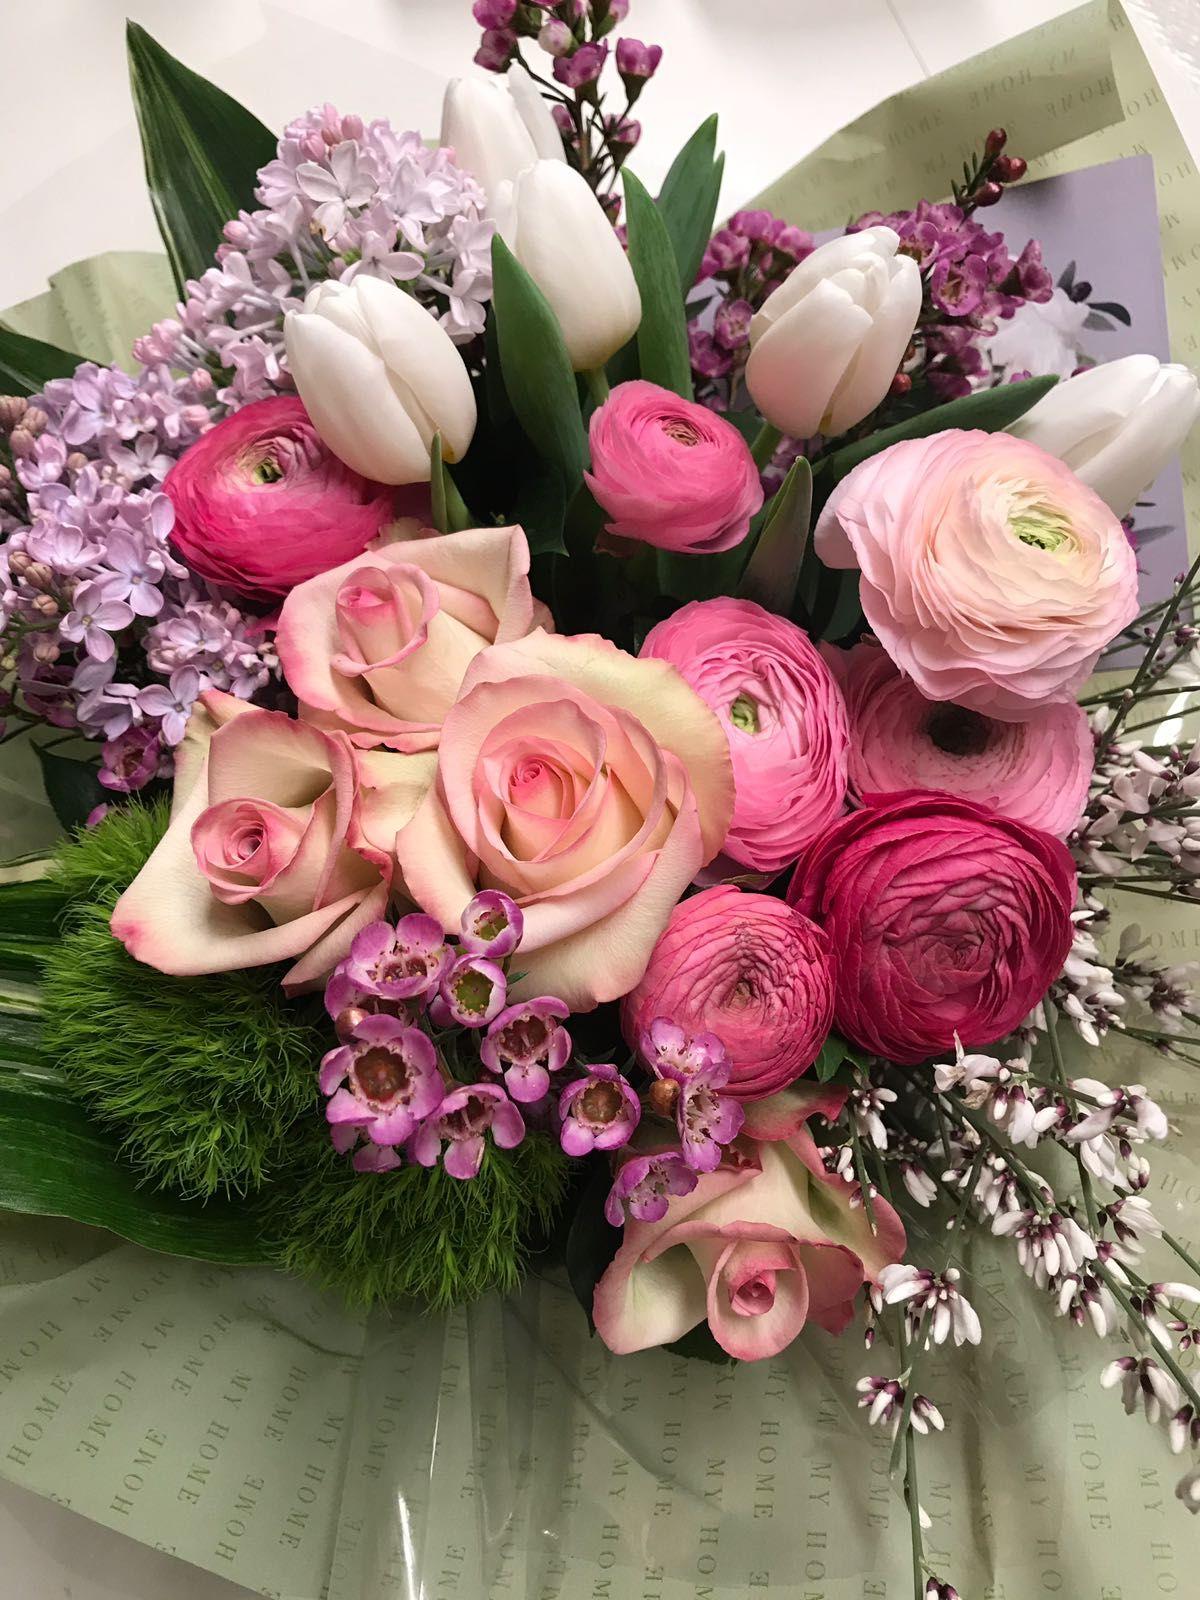 Bellissimo Mazzo Di Fiori Composto Da Ranuncoli Tulipani Rose Garofani Per Il Tuo Grande Giorno Scegli Un Tocco Floreale Mazzo Di Fiori Fiori Mazzo Di Rose